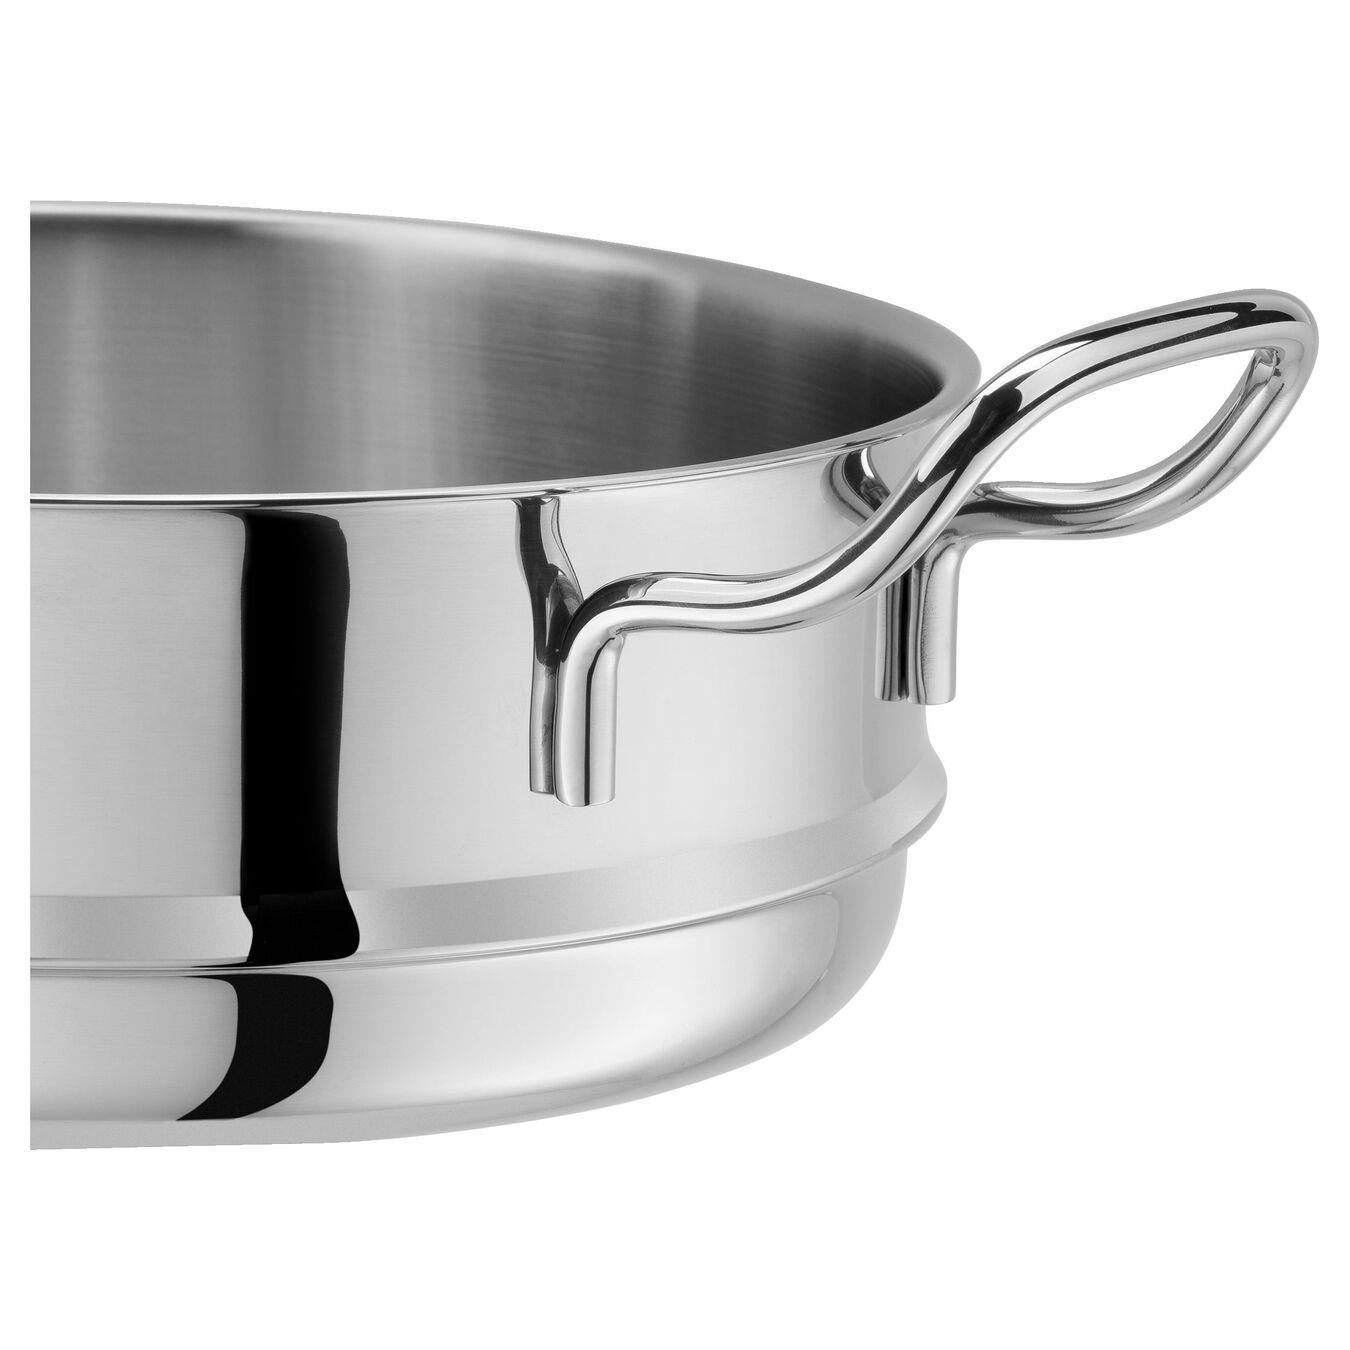 Buharda Pişirme Aparatı, Yuvarlak | 24 cm | 18/10 Paslanmaz Çelik | Metalik Gri,,large 3